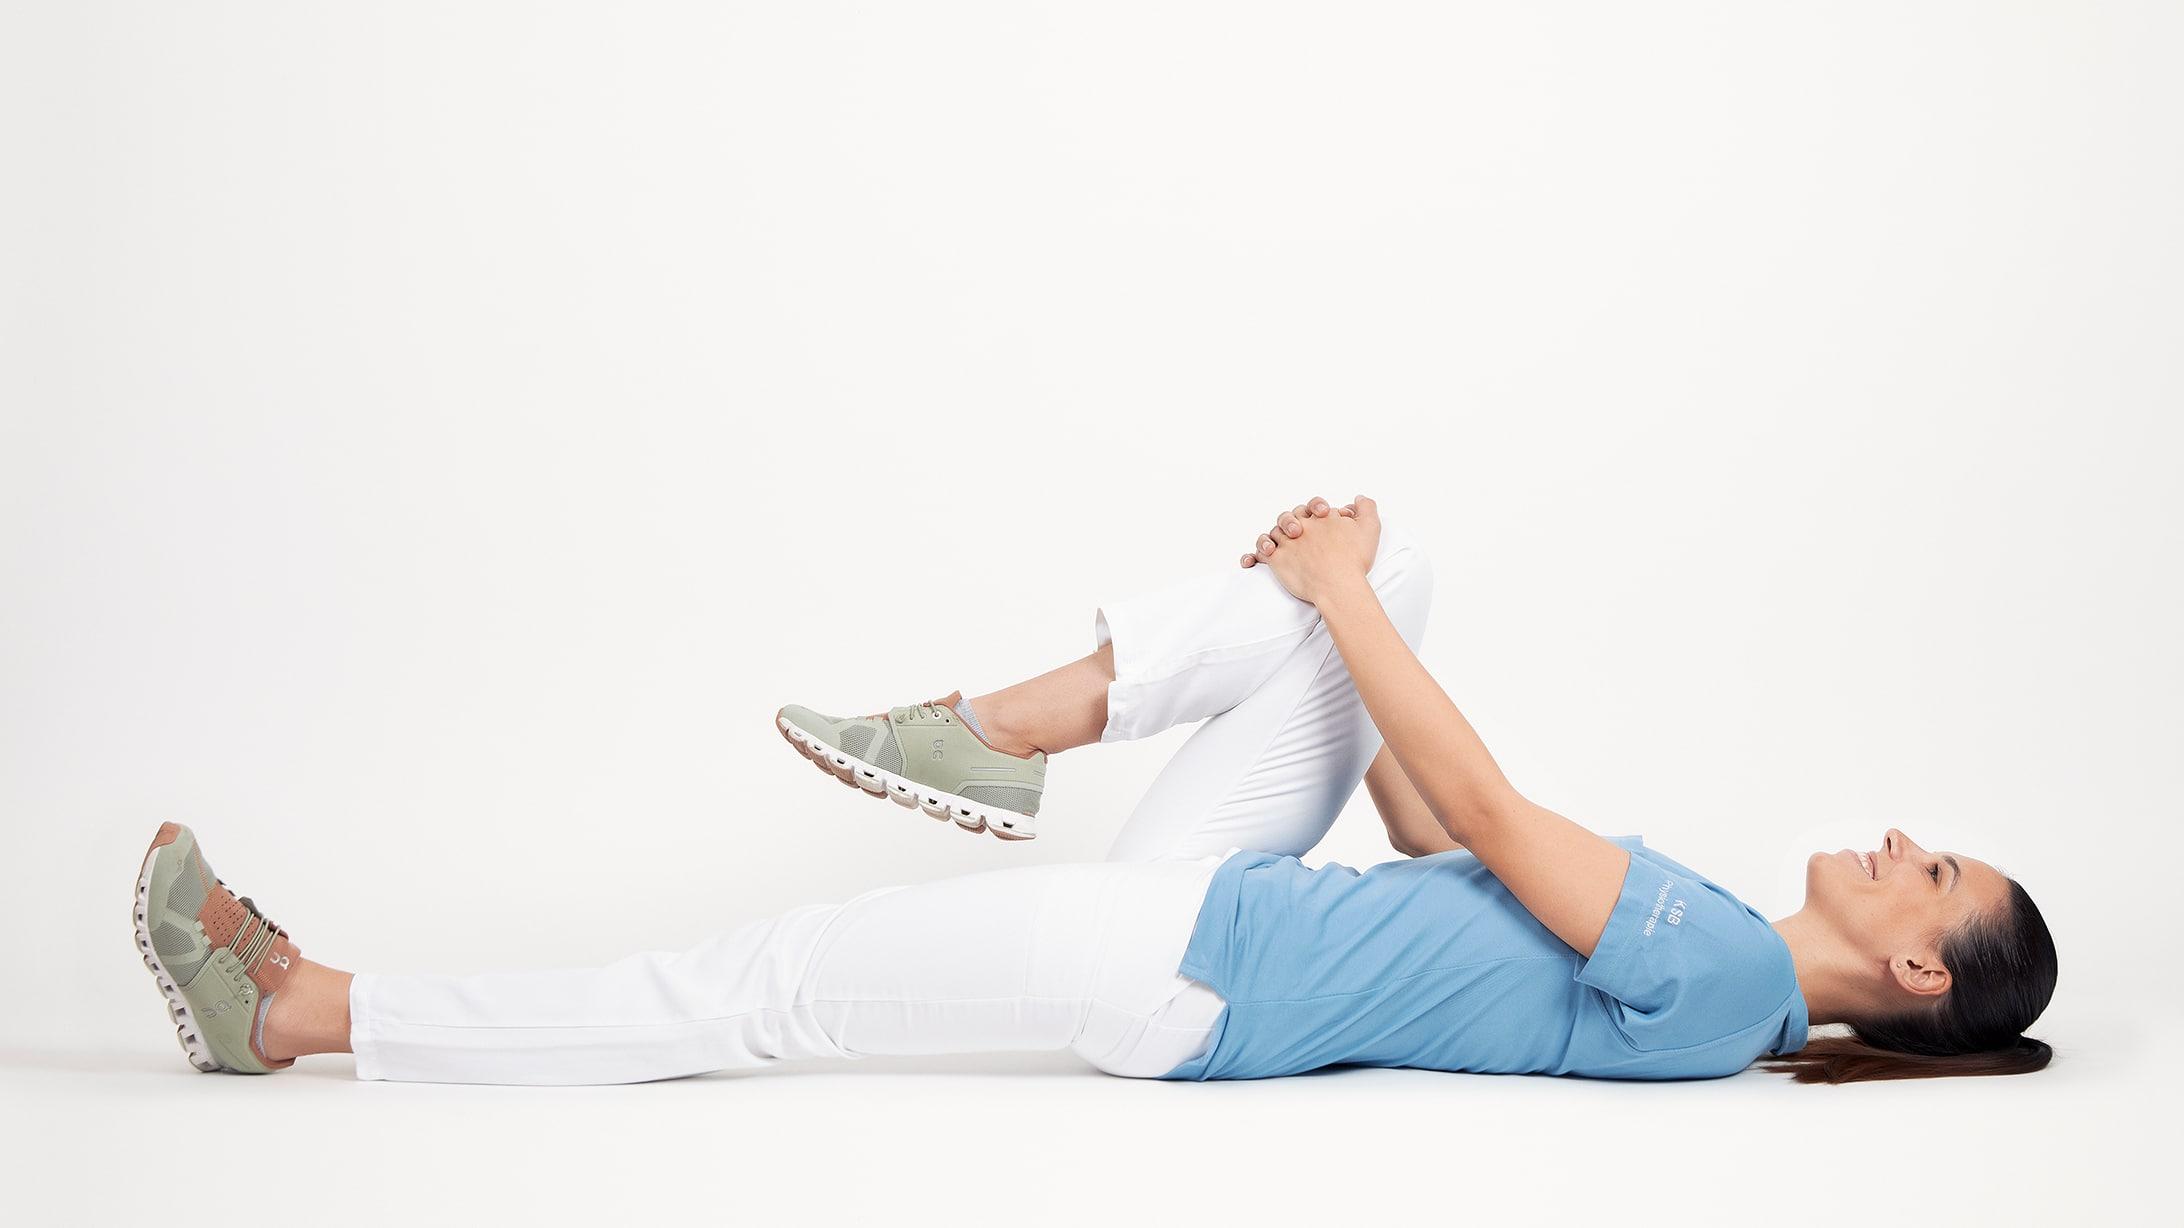 Phystiotherapeutin Maja Milani zeigt eine Übung, die bei einer Schleimbeutelentzündung Linderung bringt.